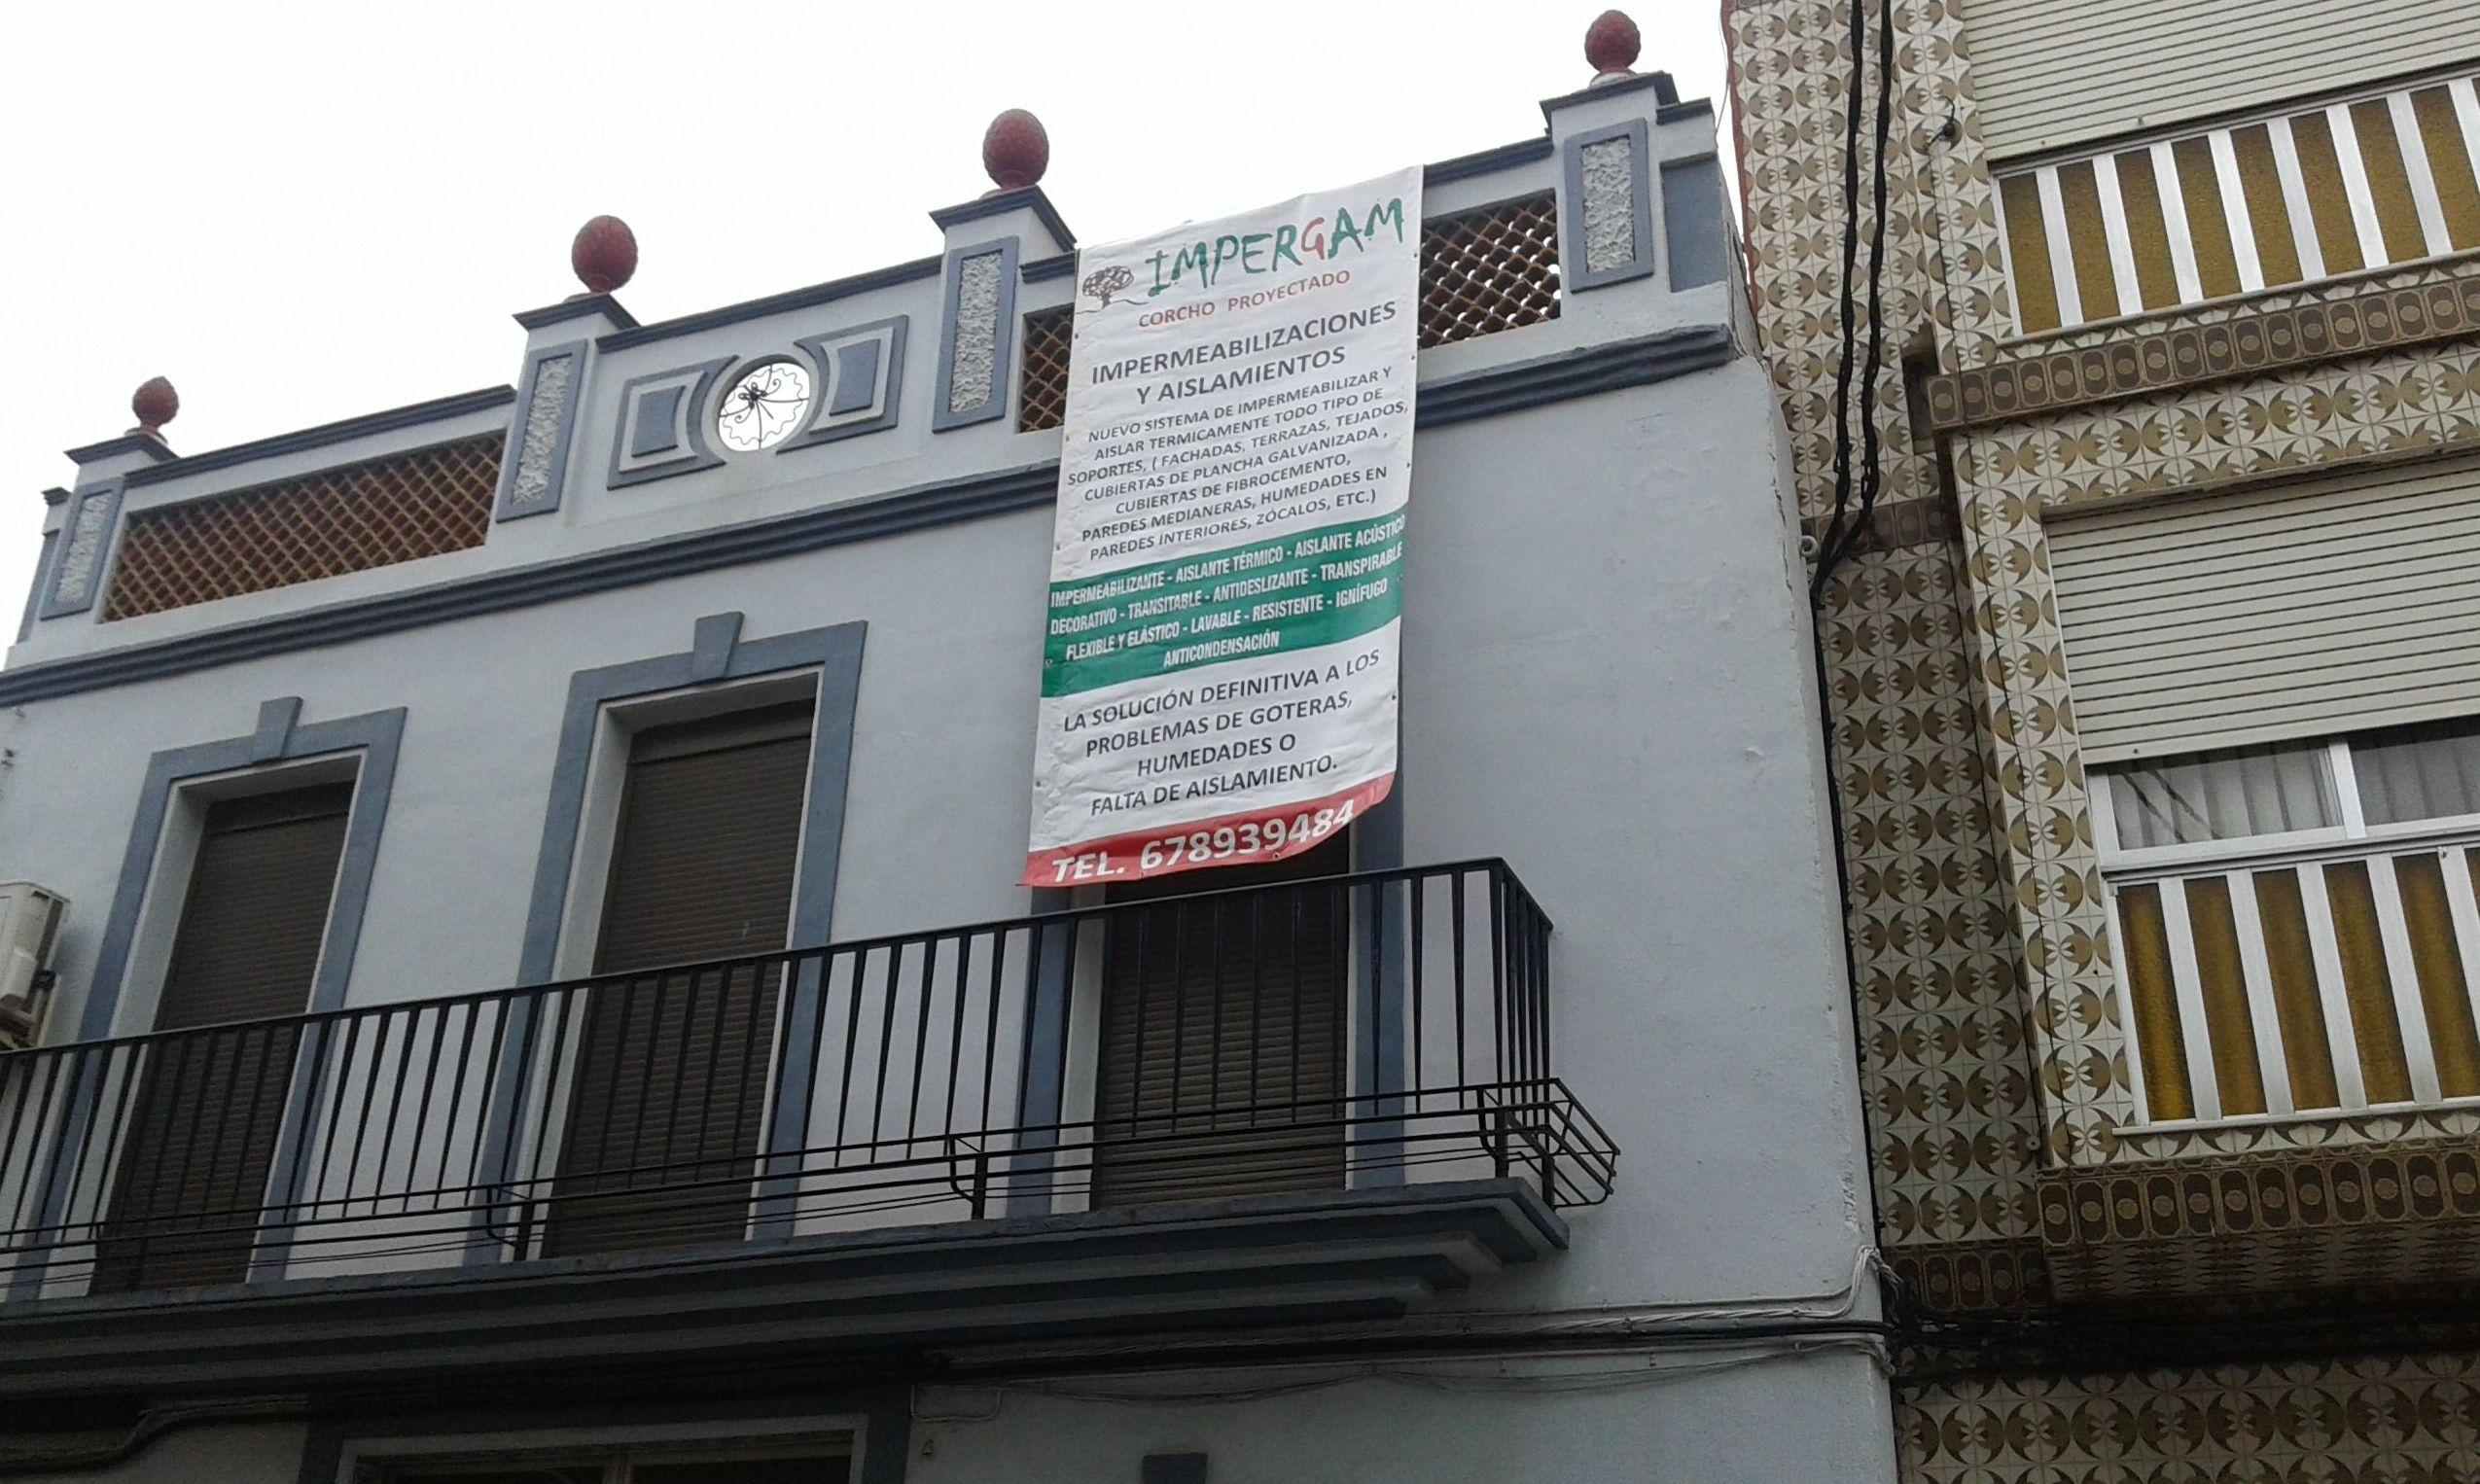 RESTAURACION DE FACHADAS CON CORCHO PROYECTADO  (VALENCIA )